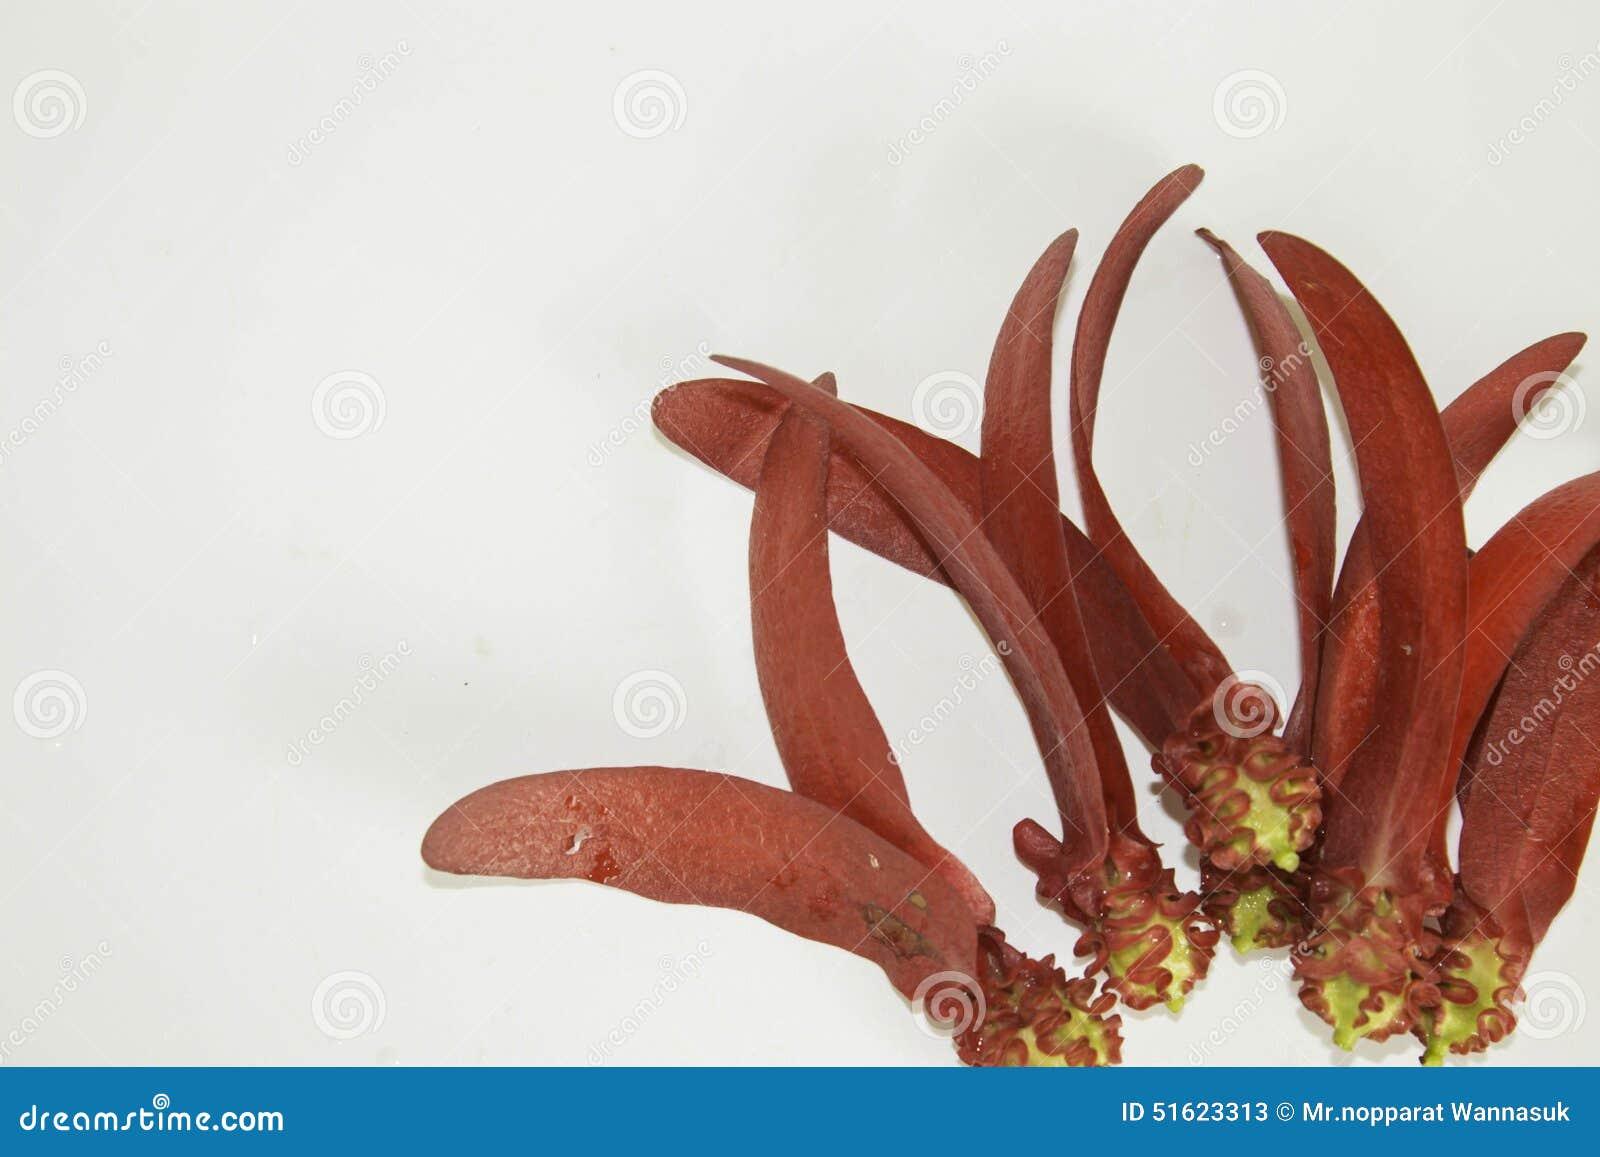 Dipterocarpus-intricatus rote Blumen auf einem weißen Hintergrund